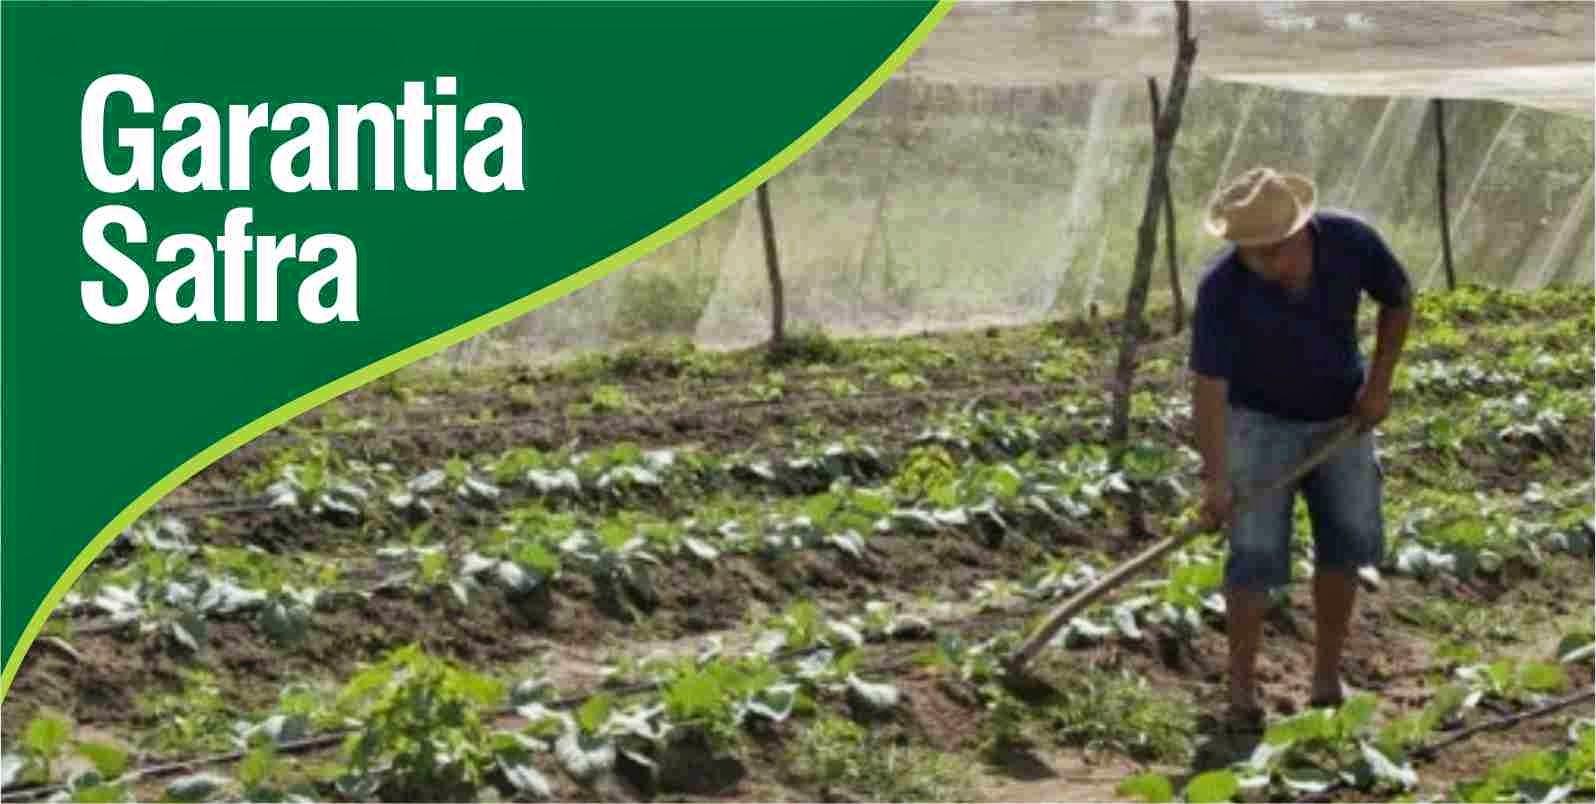 Pagamento do Garantia Safra injetará R$ 18,6 milhões na economia de 62 municípios potiguares